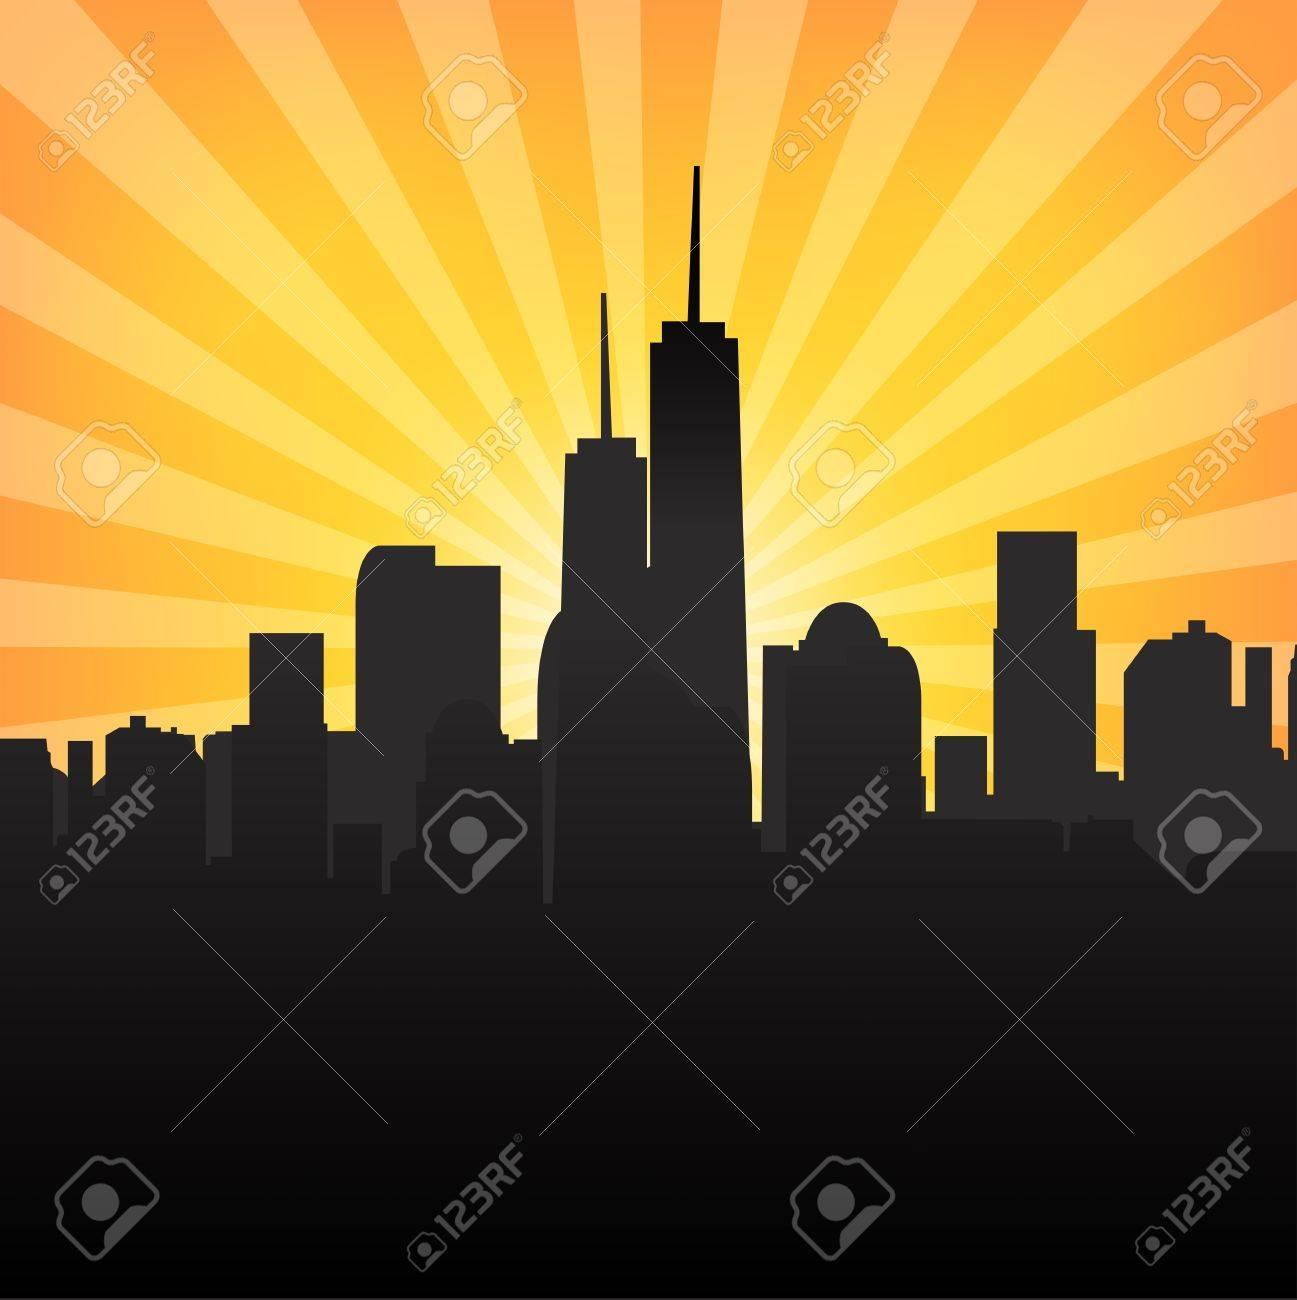 Cityscape on Sunburst Pattern Stock Vector - 21650019